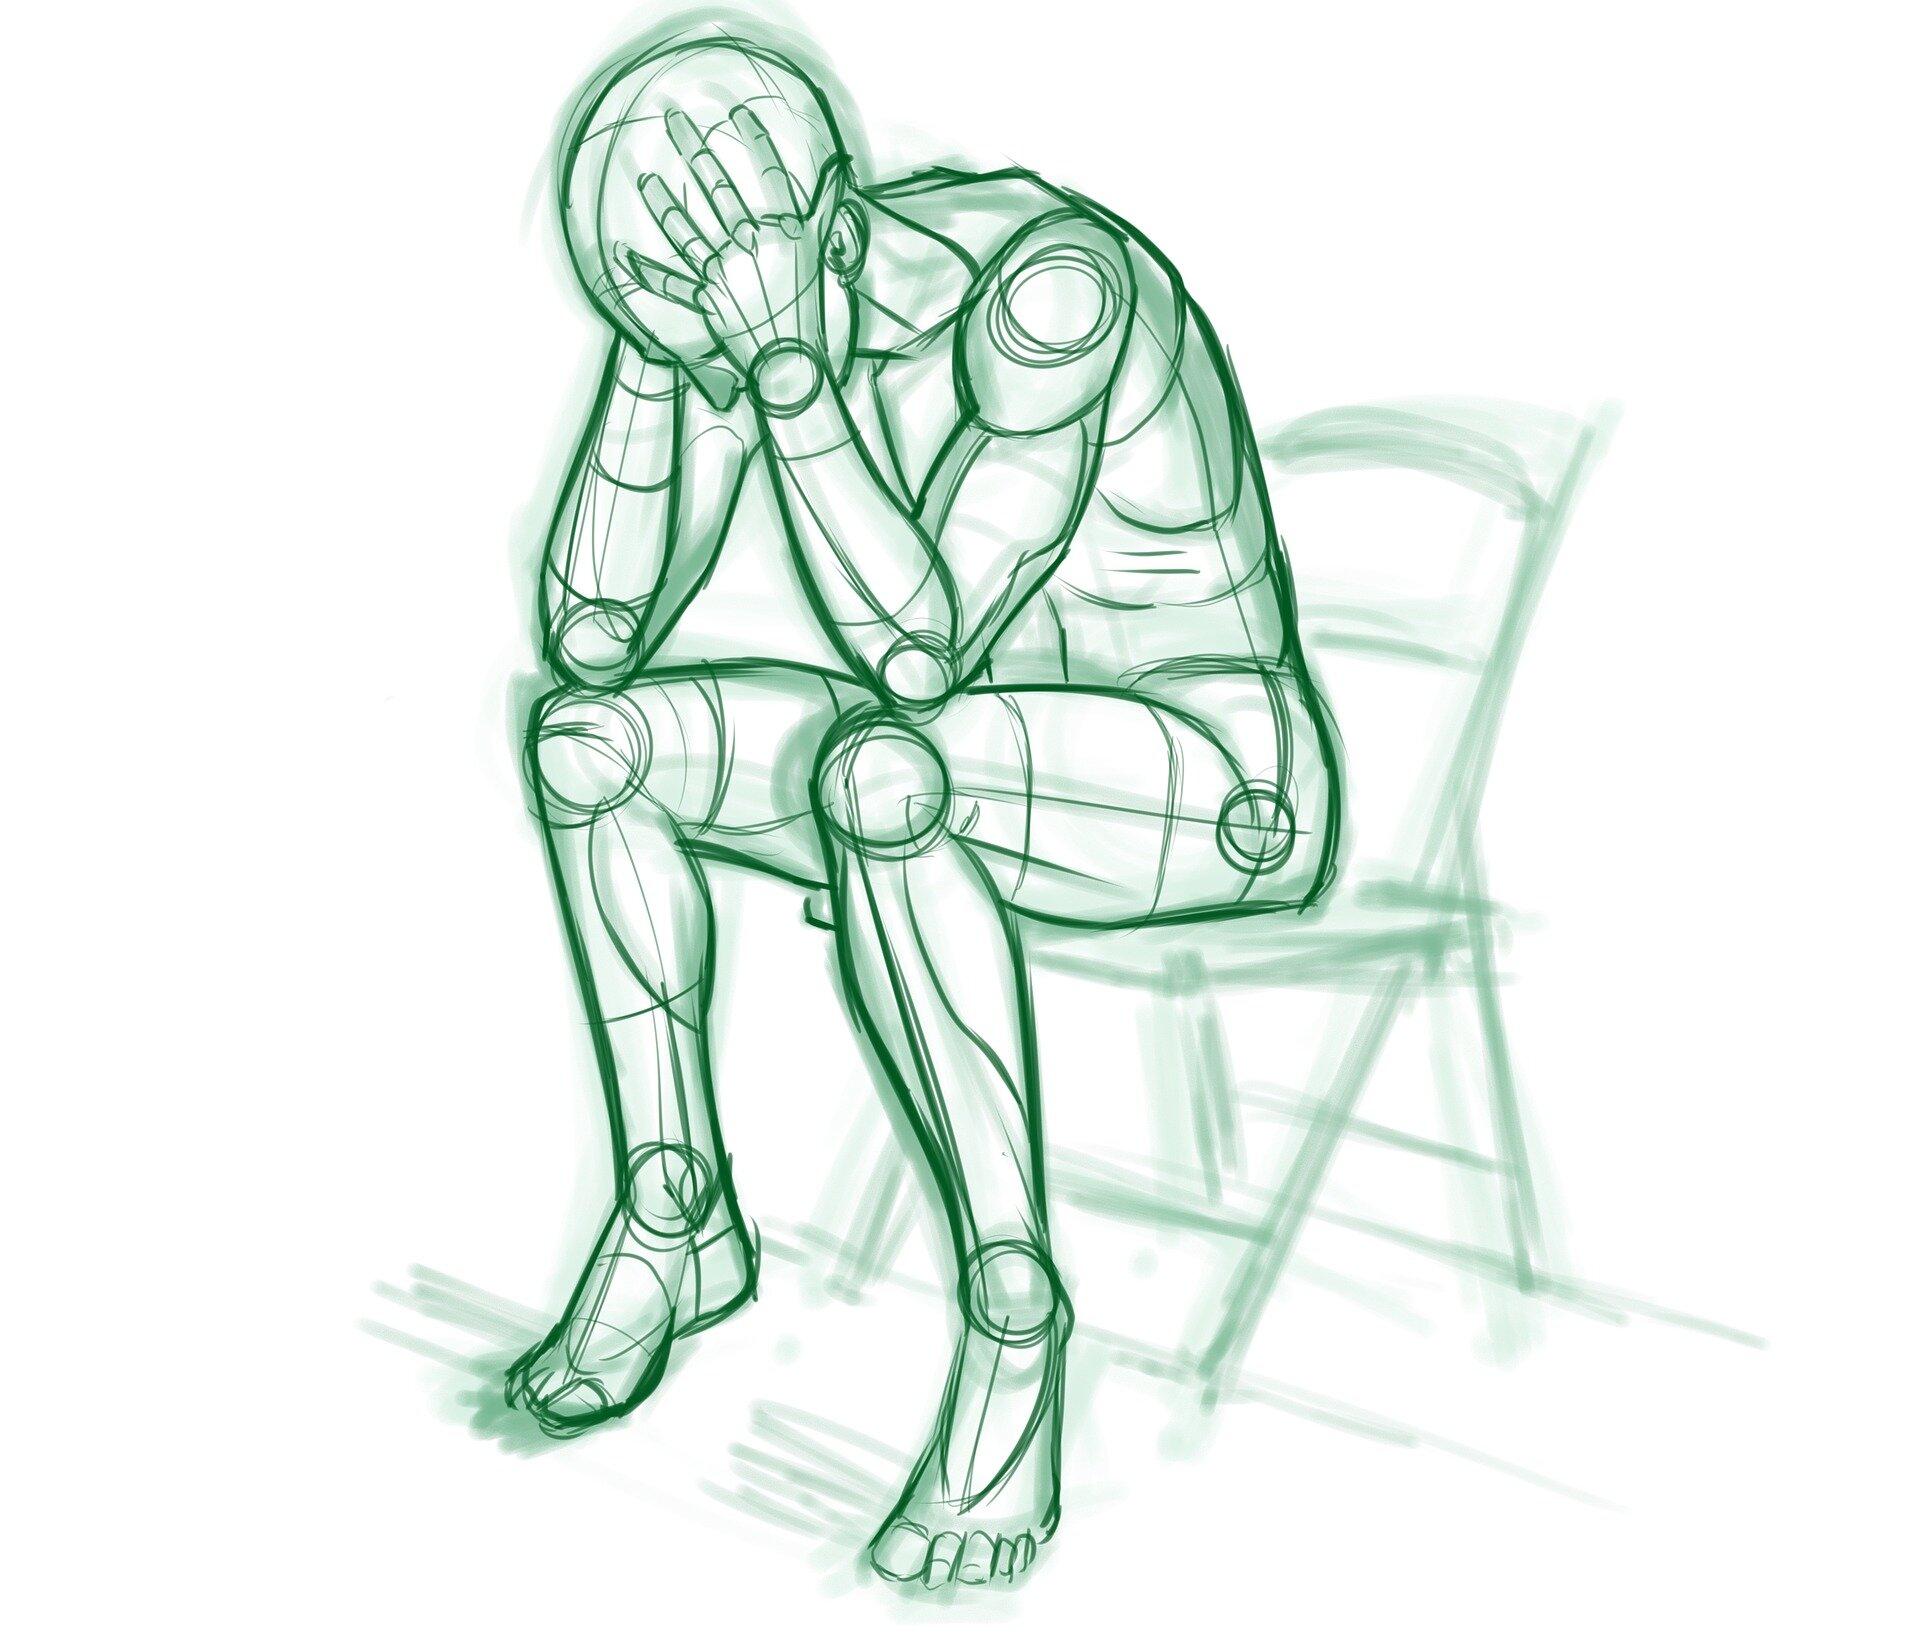 Studie liefert Einblicke in die depression bei Menschen mit chronisch entzündlichen Darmerkrankungen